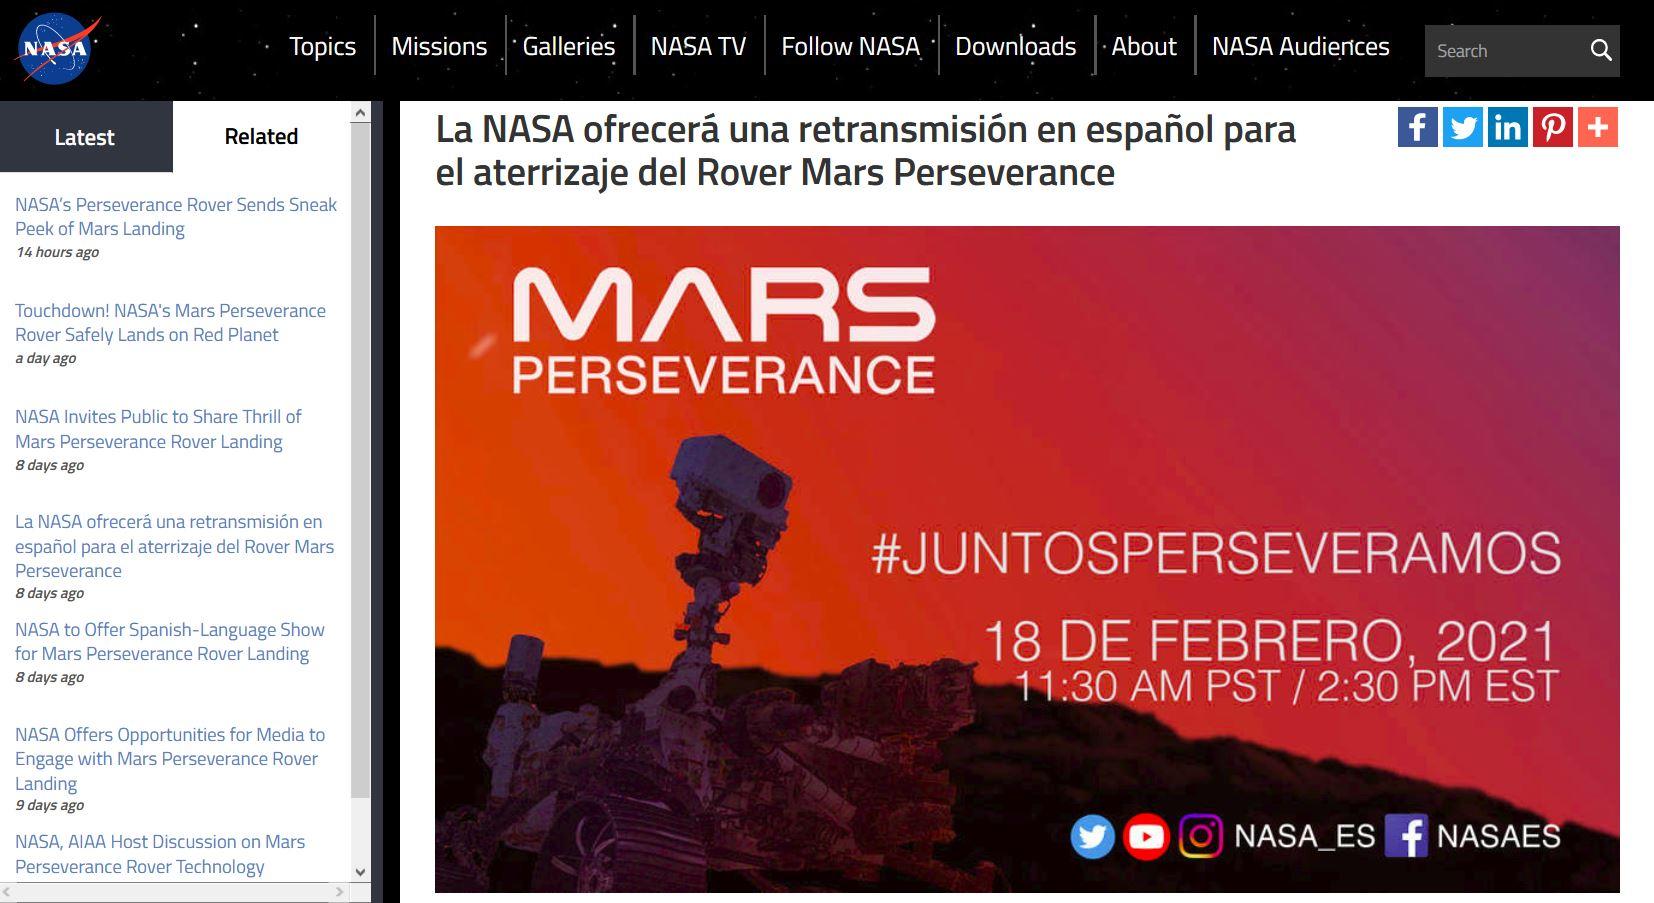 https://www.nasa.gov/press-release/la-nasa-ofrecer-una-retransmisi-n-en-espa-ol-para-el-aterrizaje-del-rover-mars